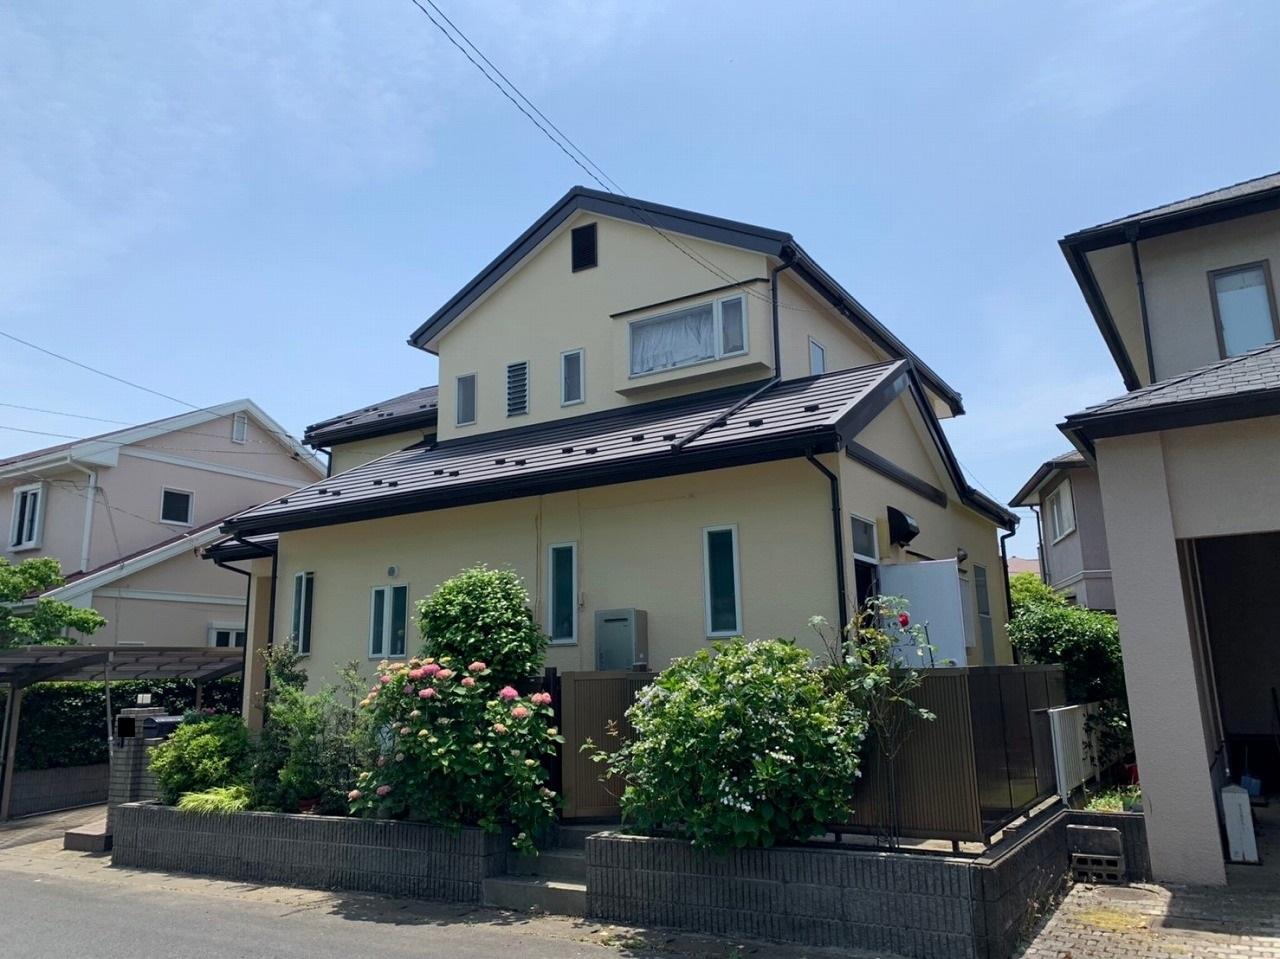 千葉県印西市・外壁塗装・屋根カバー工事 (12)